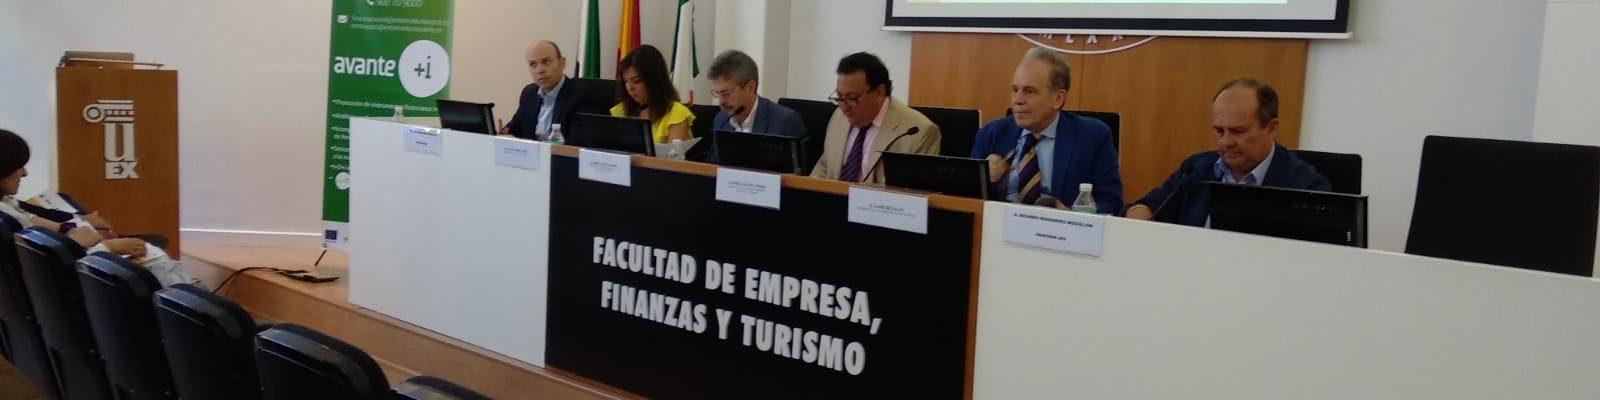 AJE Extremadura en la presentación del Informe FAEDPYME Extremadura